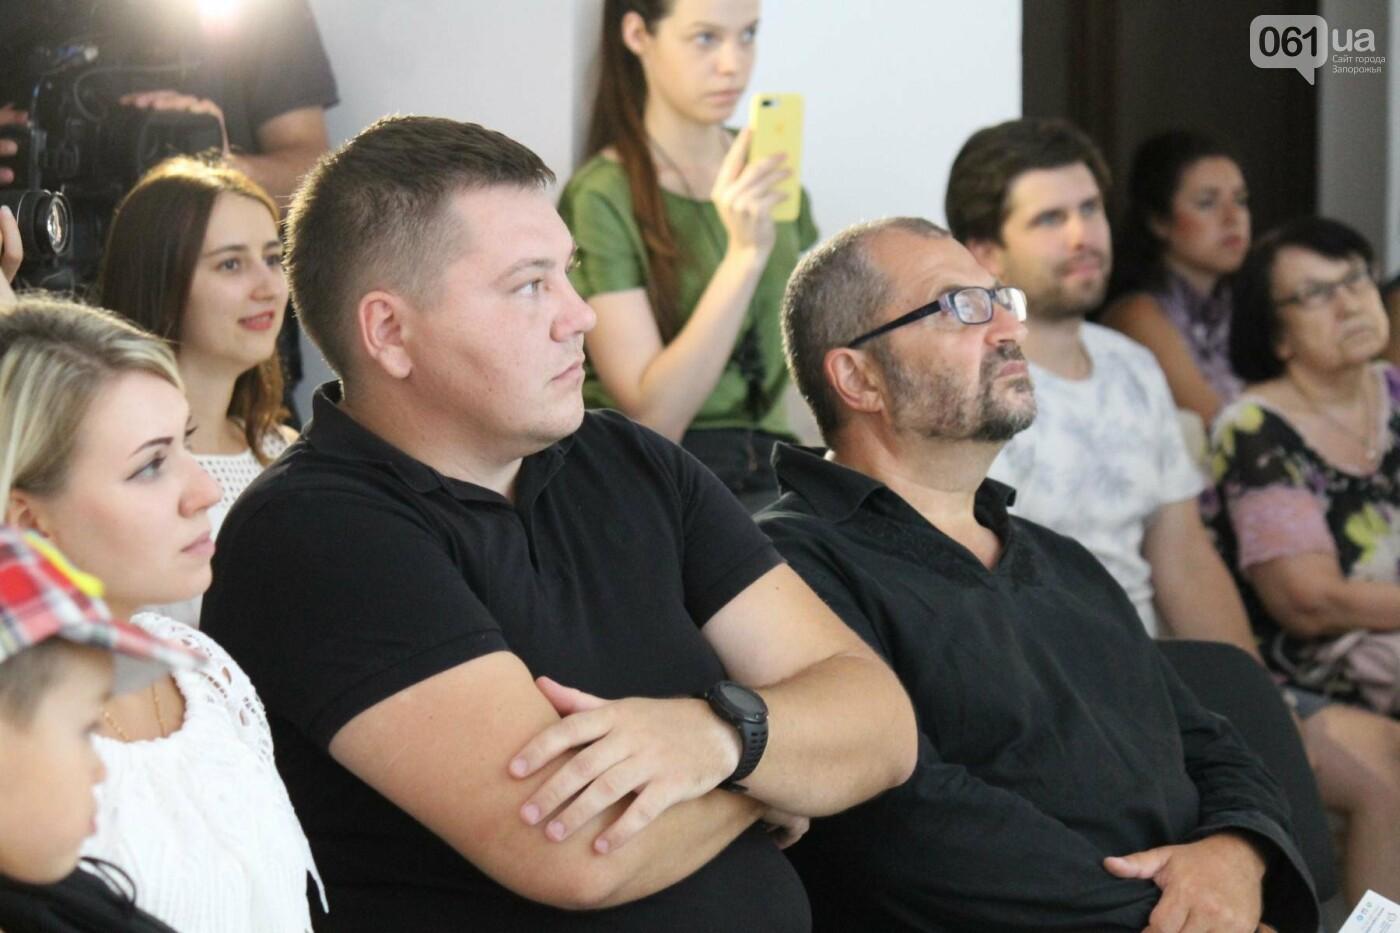 В Запорожье провели мозговой штурм и обсудили будущий проект Привокзальной площади, – ФОТОРЕПОРТАЖ, фото-16